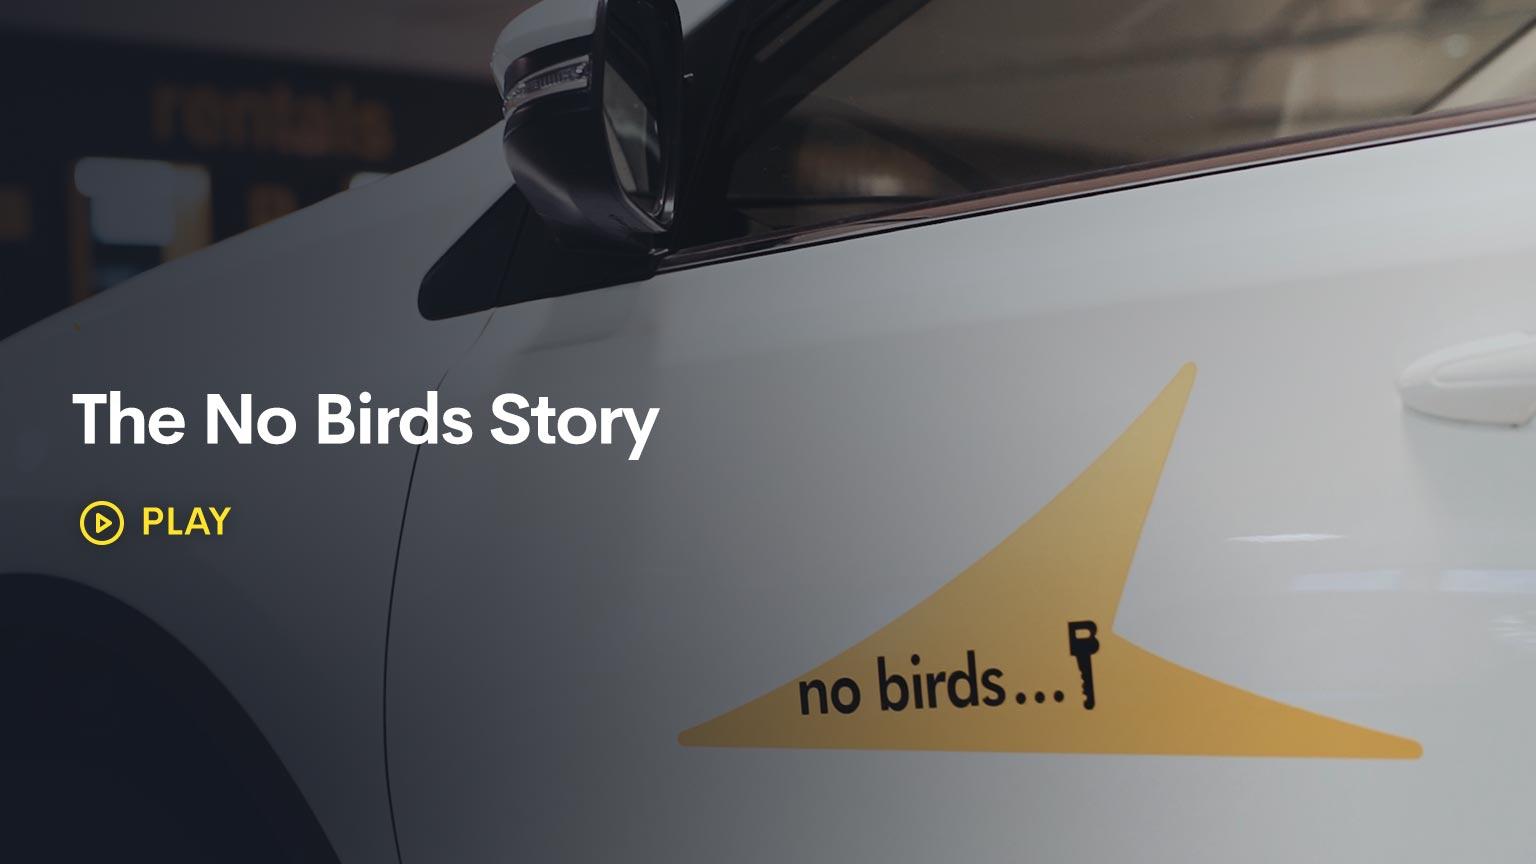 No Birds Car Hire Company No Birds Car Rental